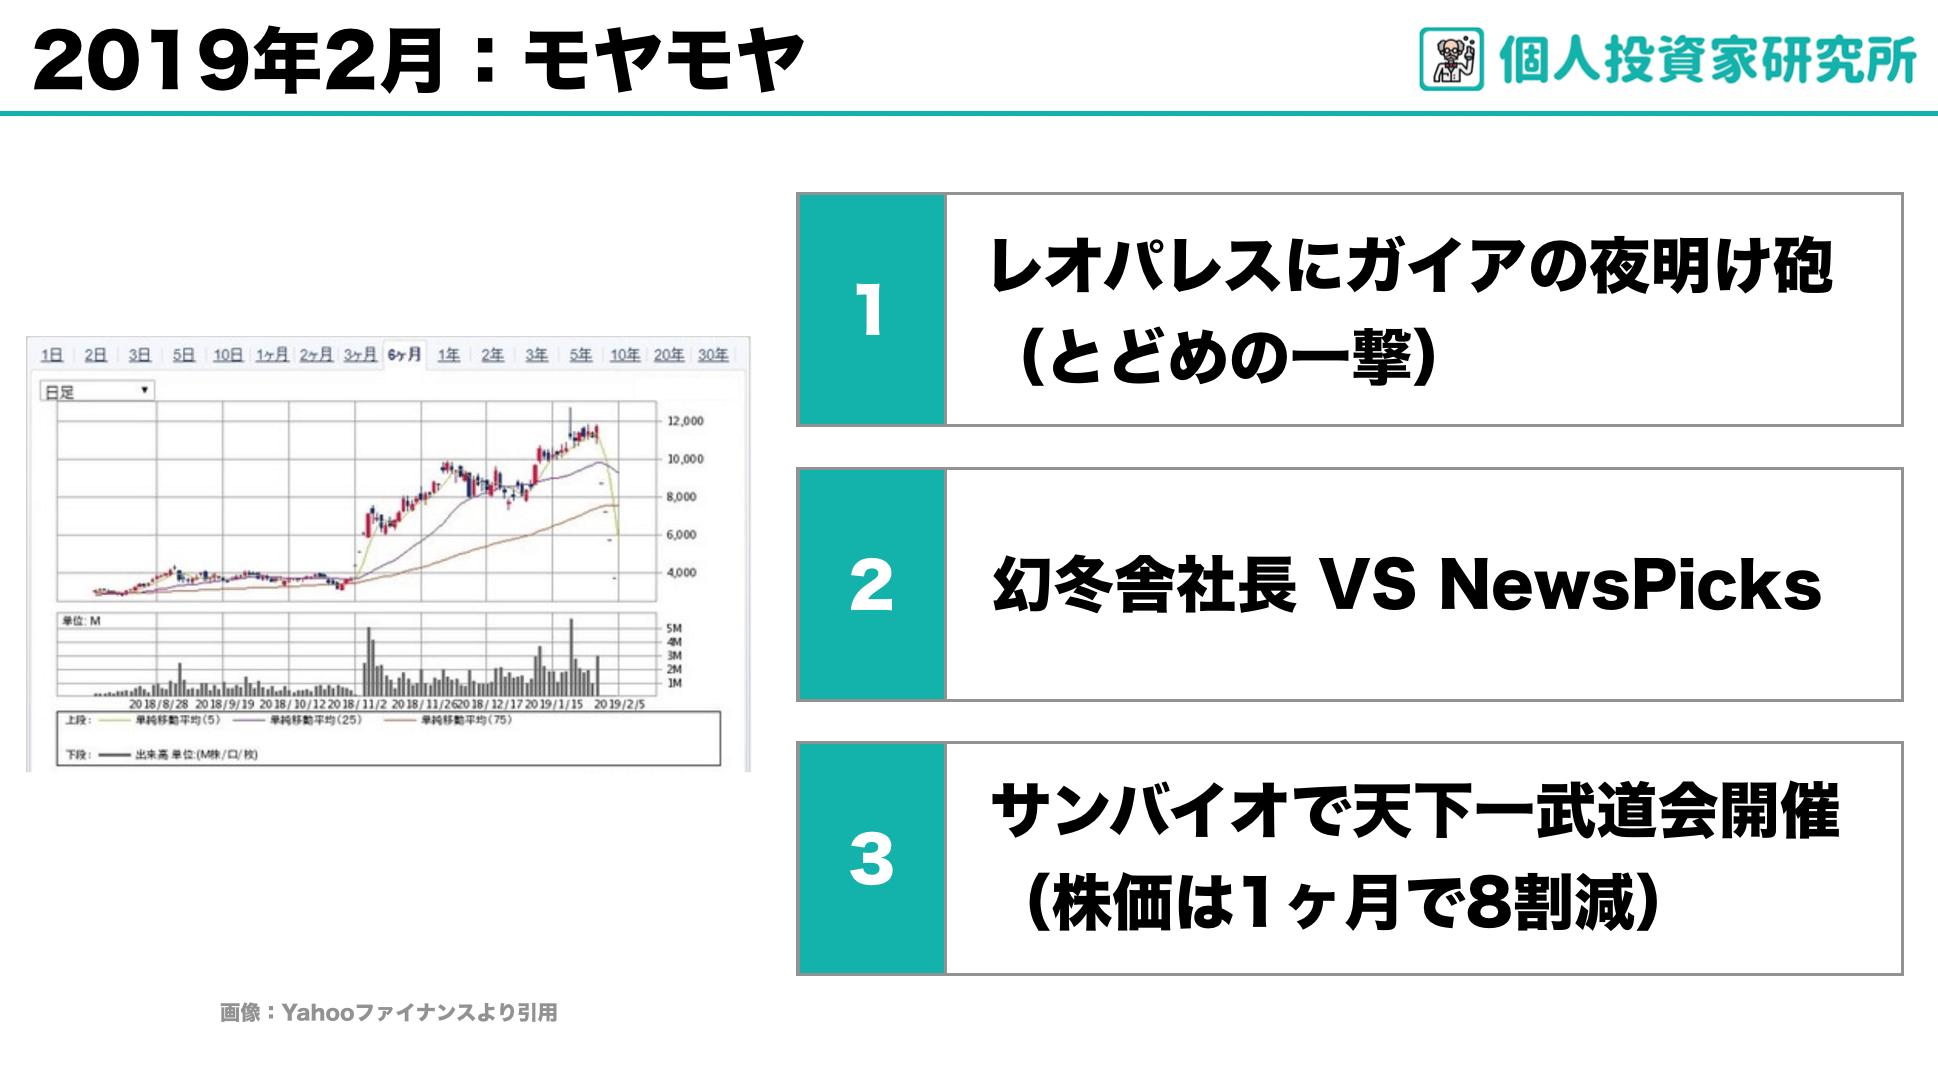 【個人投資家の年表】個人投資家の2019年を振り返る2月